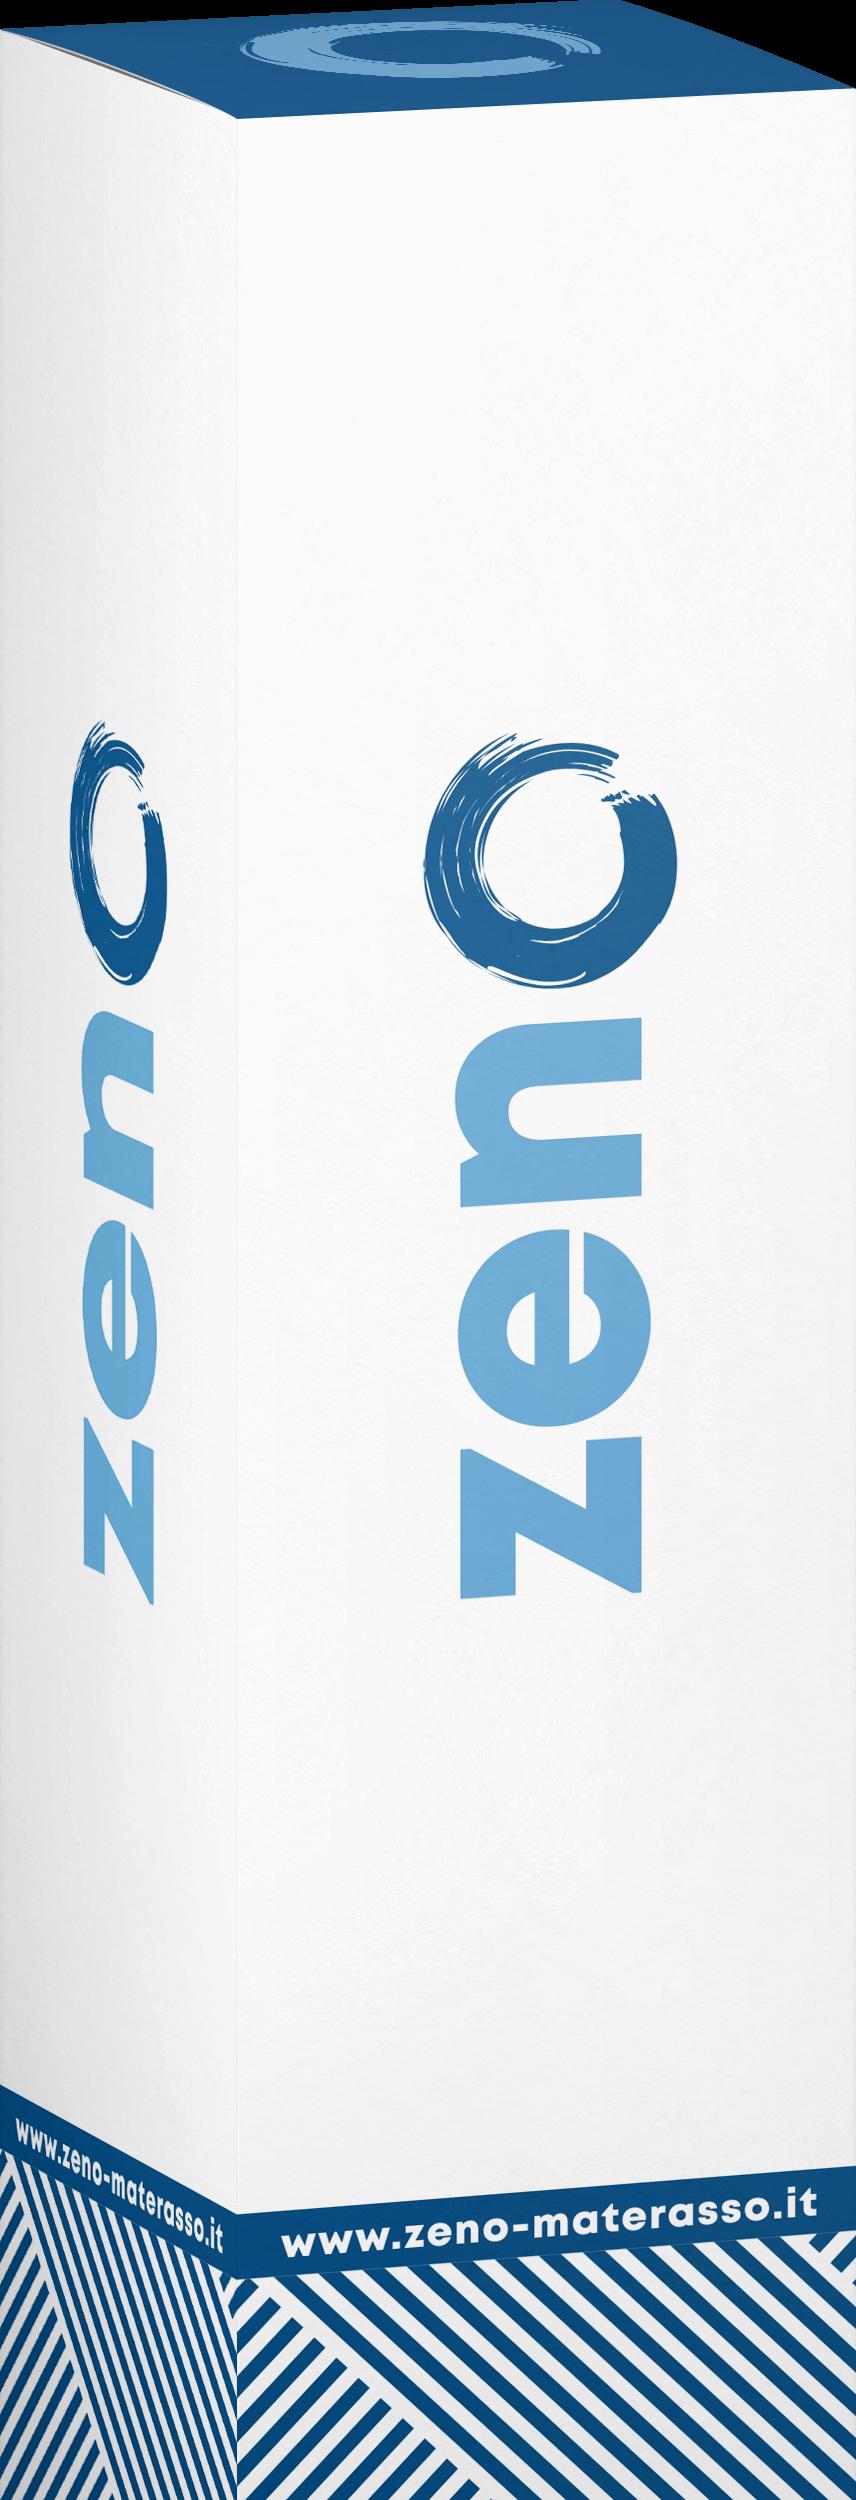 Materasso zenO: prova la qualità della tecnologia Made in Italy di zenO